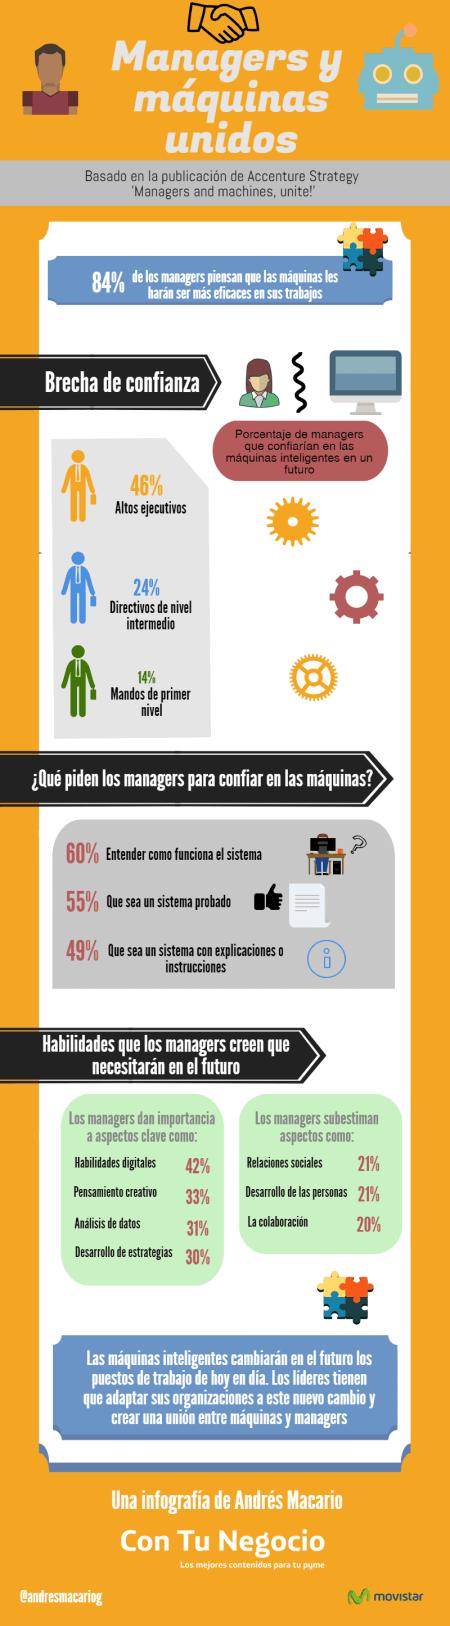 Infografia-Inteligencia-artificial-personas-compressor